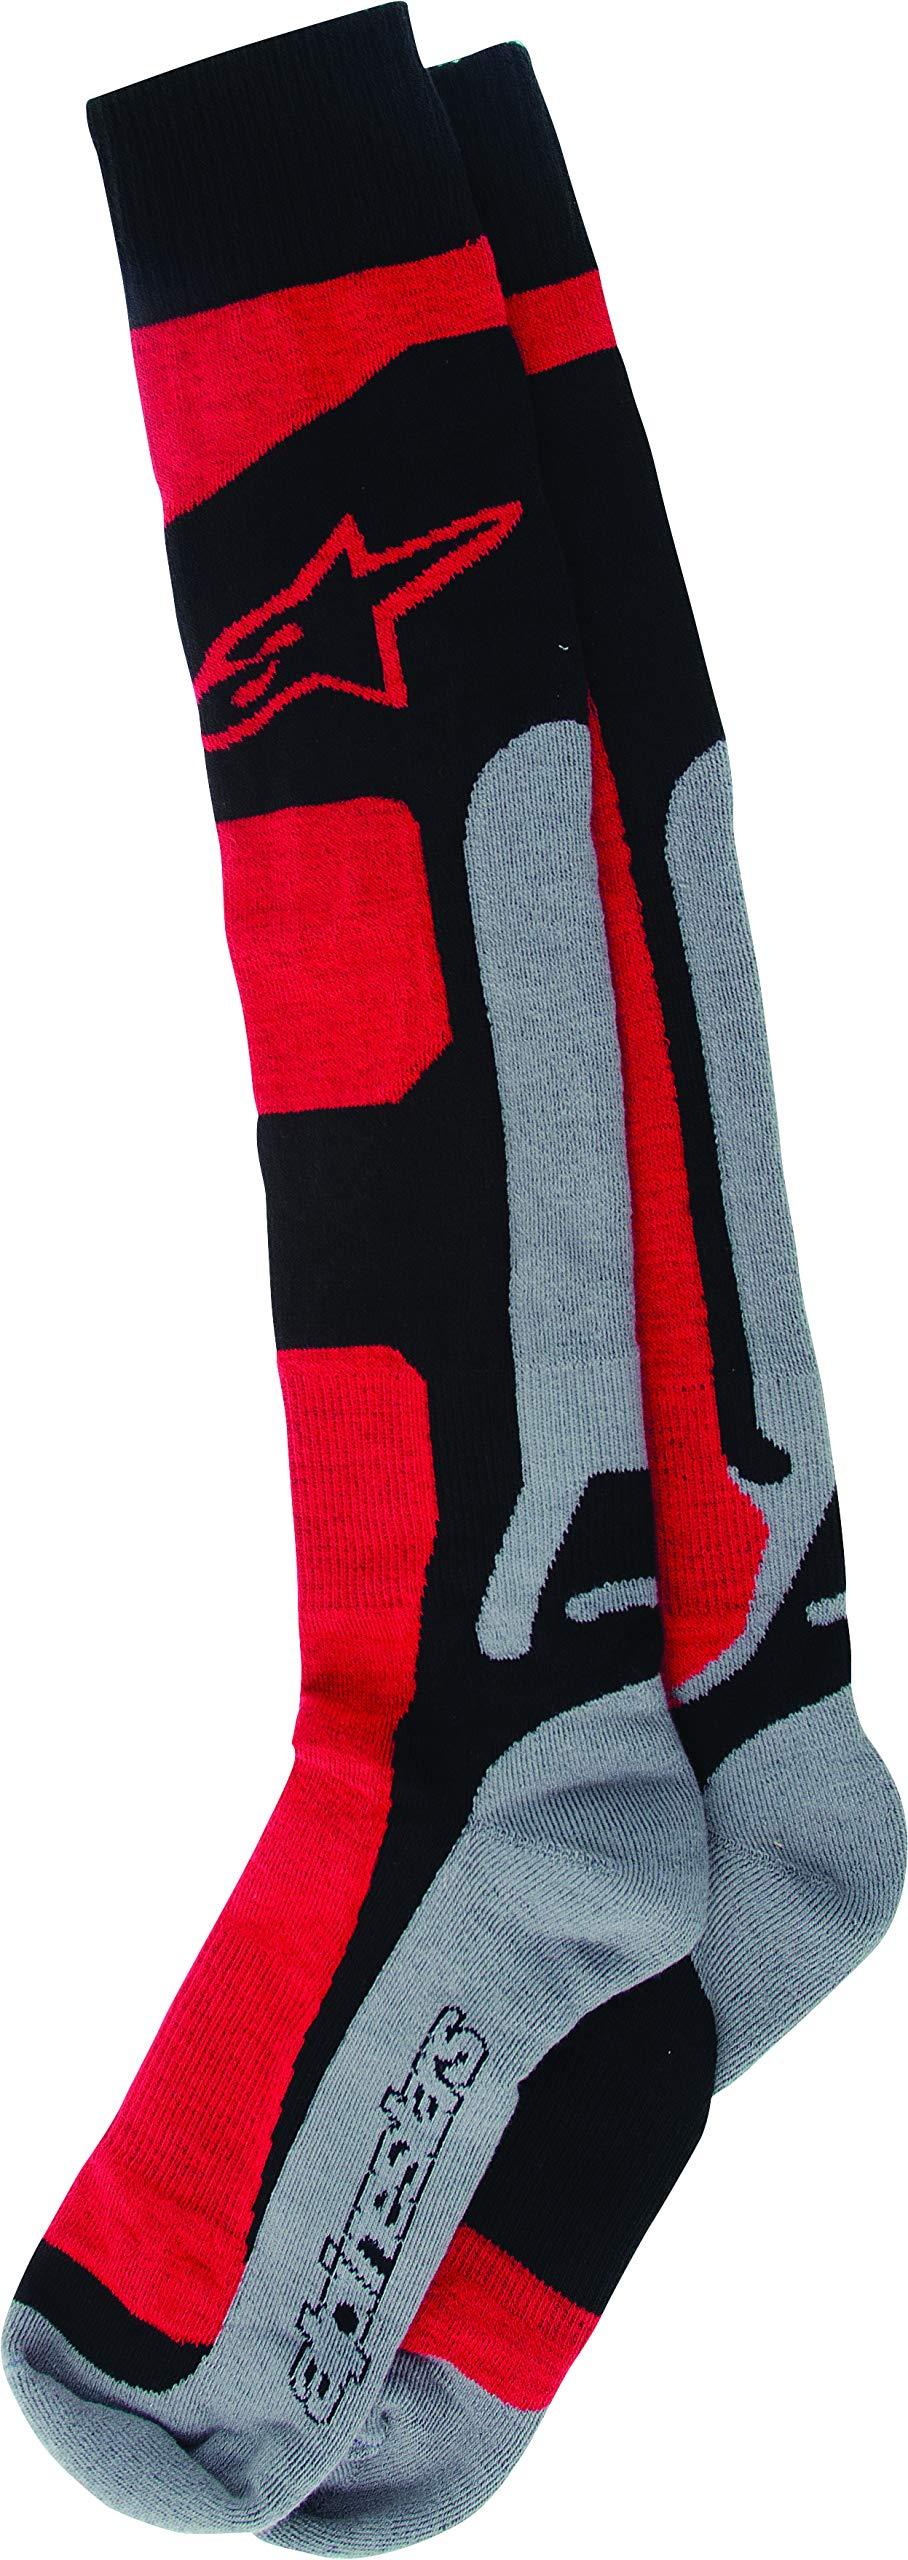 Alpinestars Men's 4702114-311-SM Sock (Coolmax) (Red, Small/Medium) by Alpinestars